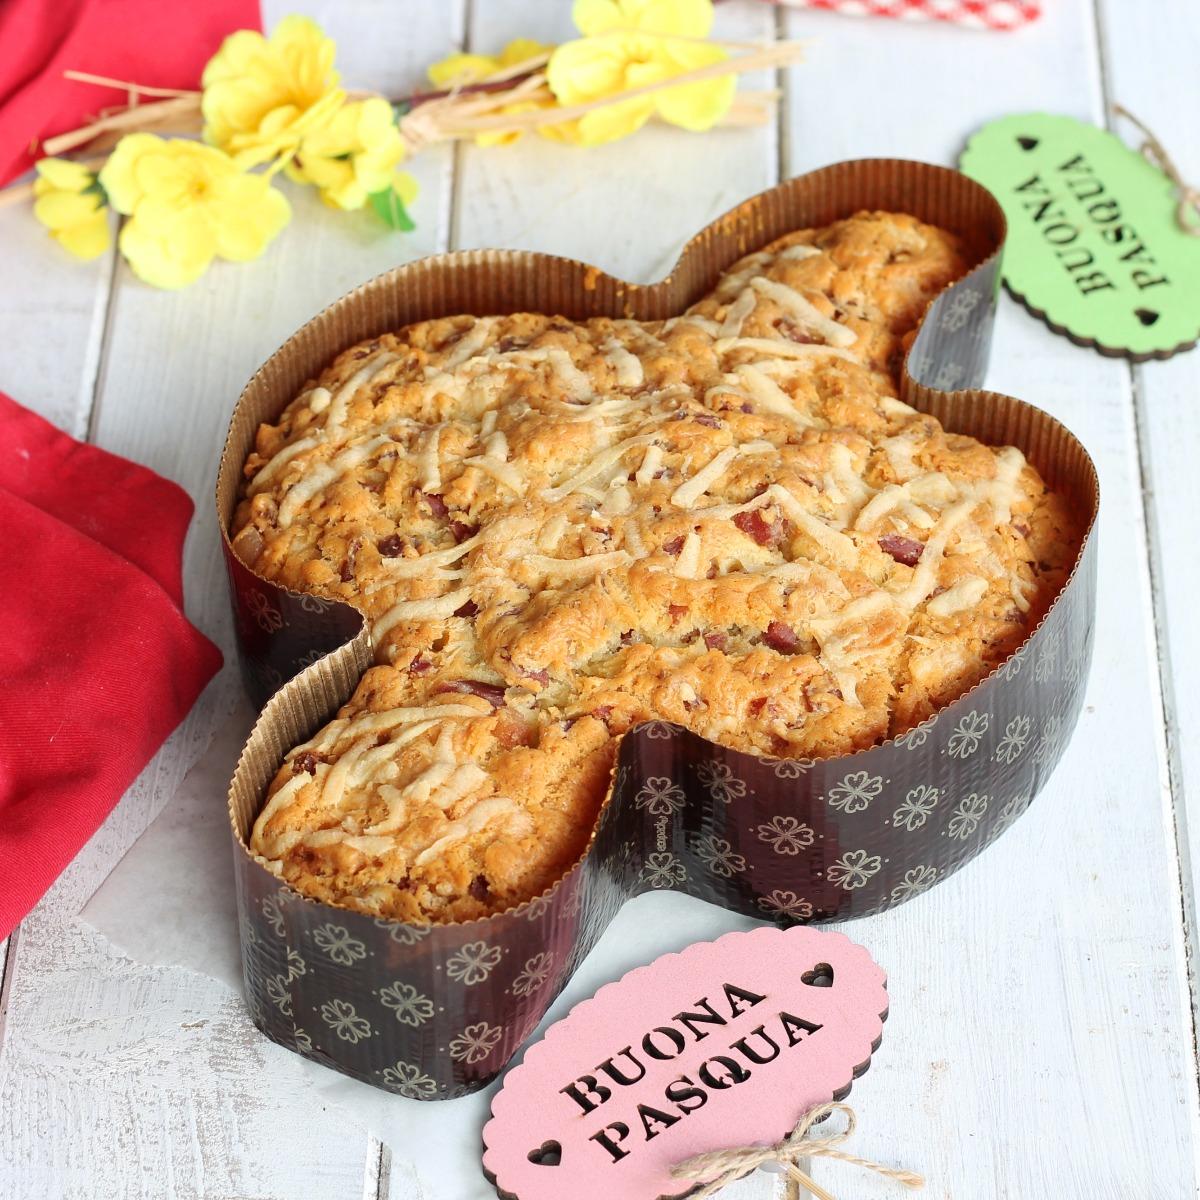 COLOMBA SALATA SENZA LIEVITAZIONE ricetta torta veloce di Pasqua